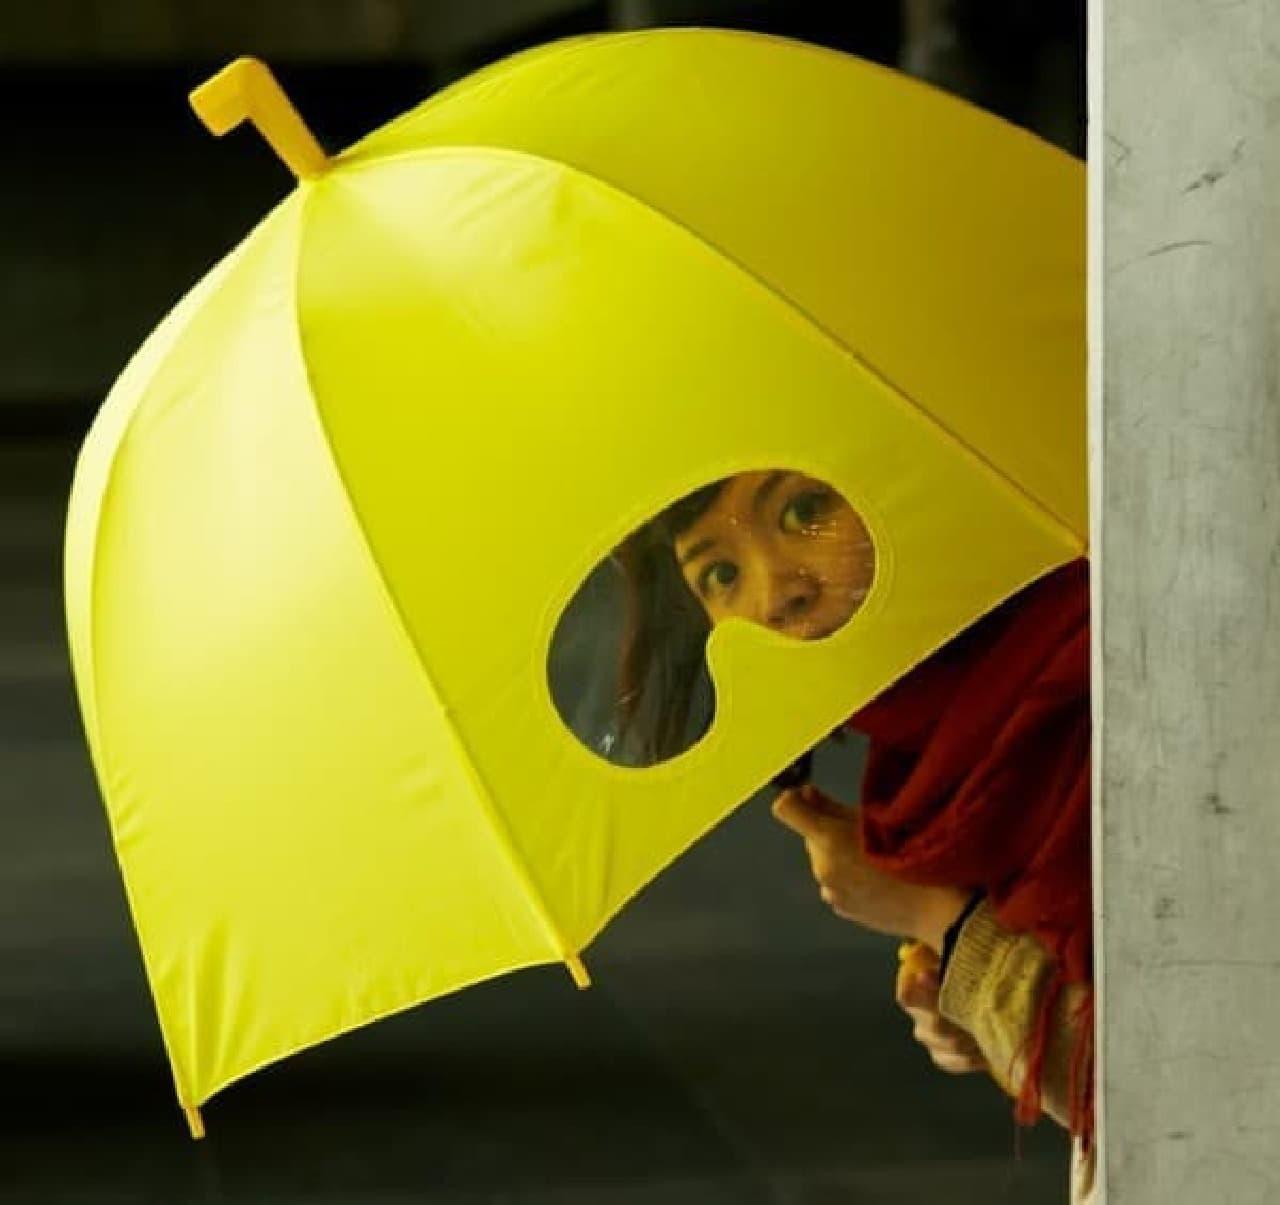 ゴーグル(っぽい小窓)が取り付けられた傘「ゴーグルアンブレラ」